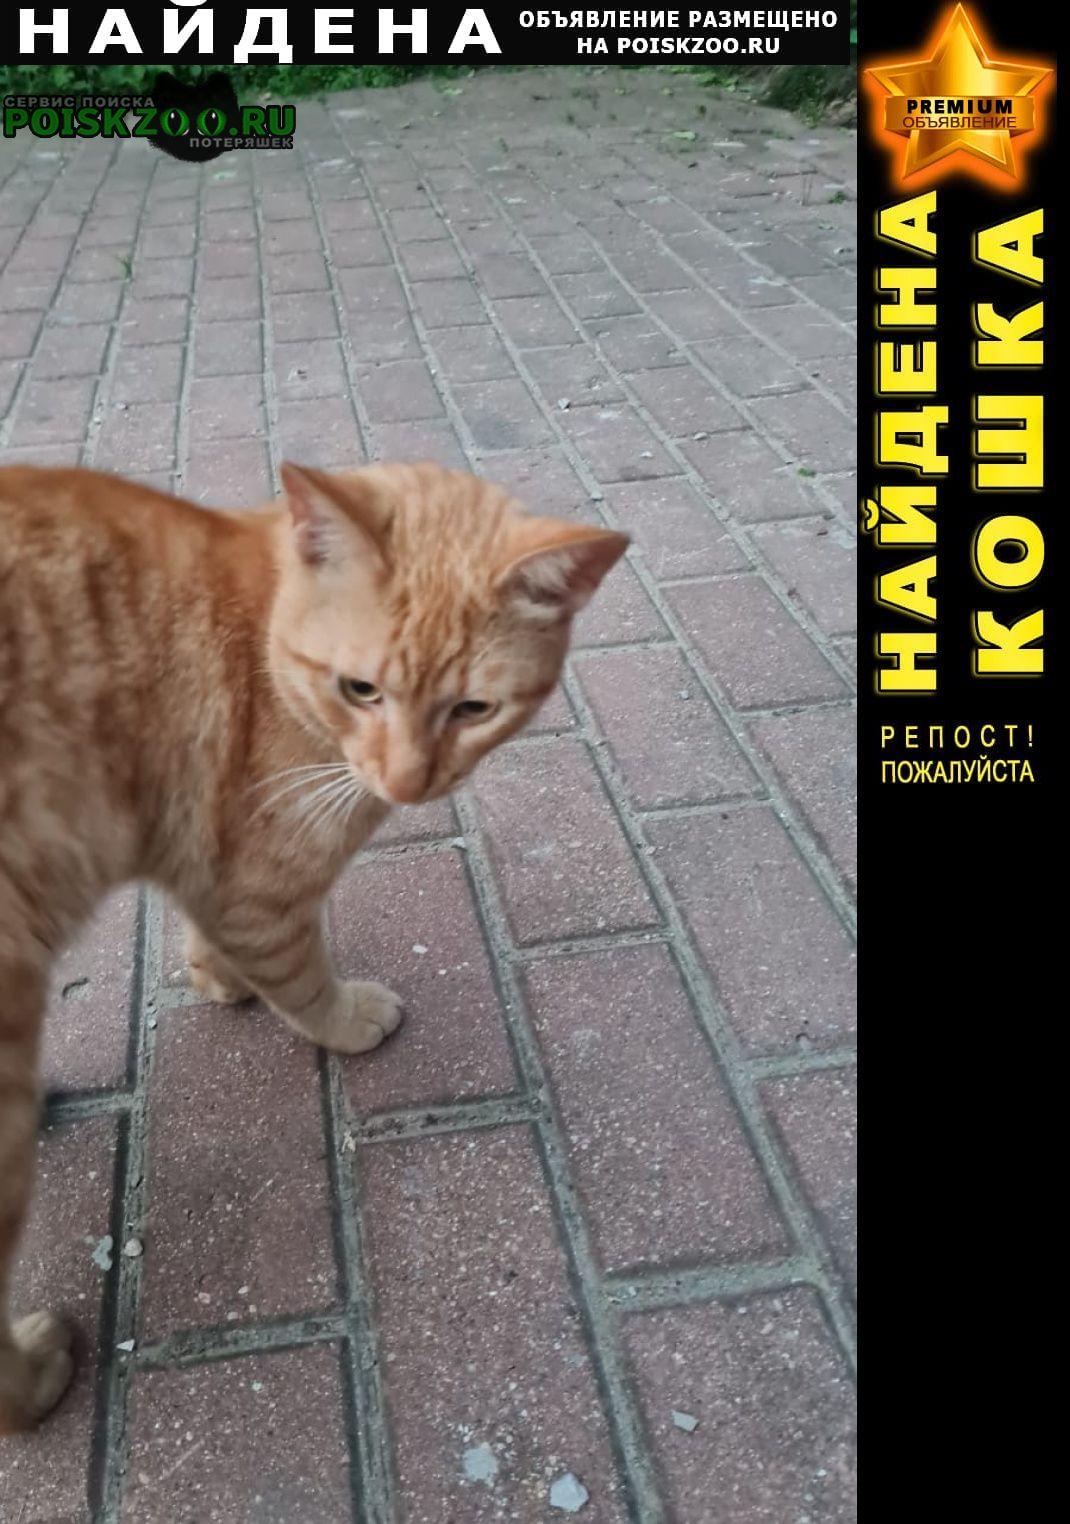 Найден кот рыжий Мытищи